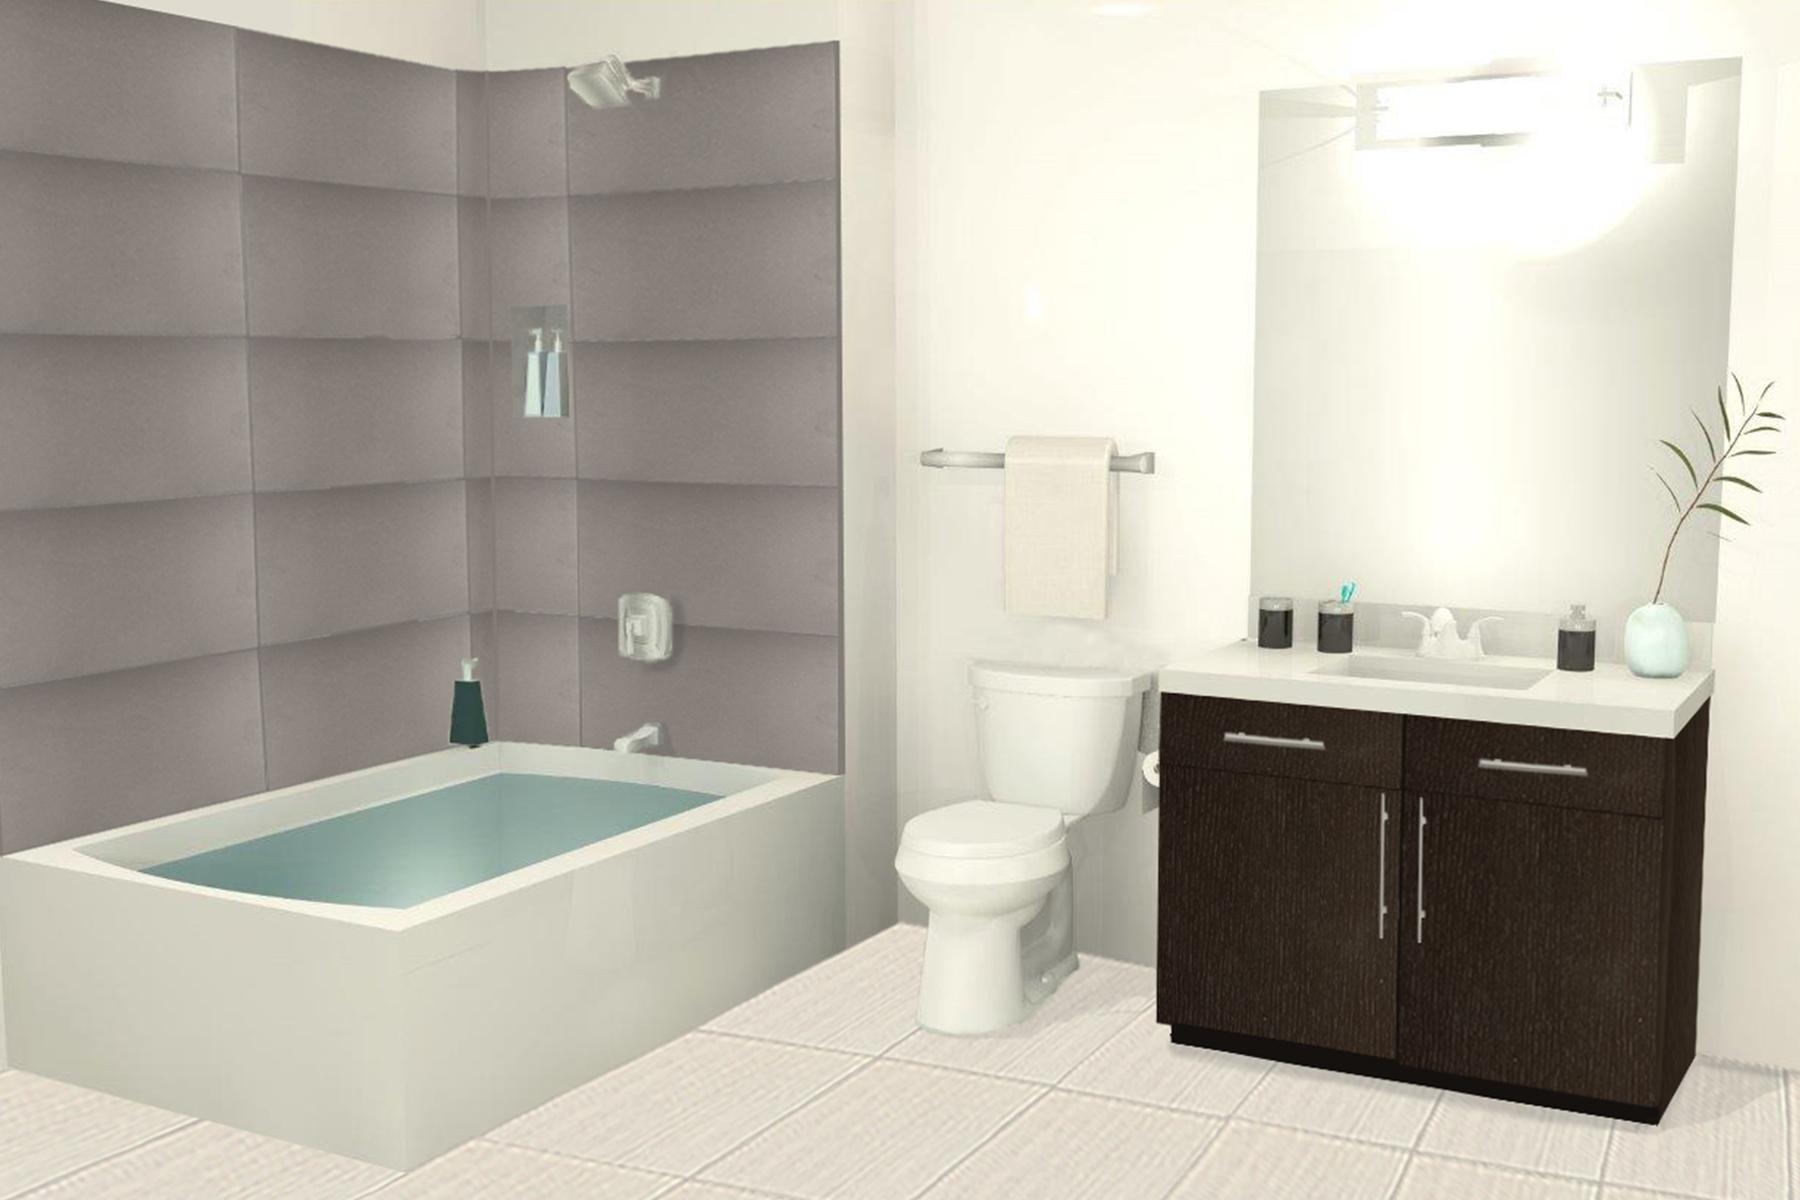 Exquisite Bathrooms